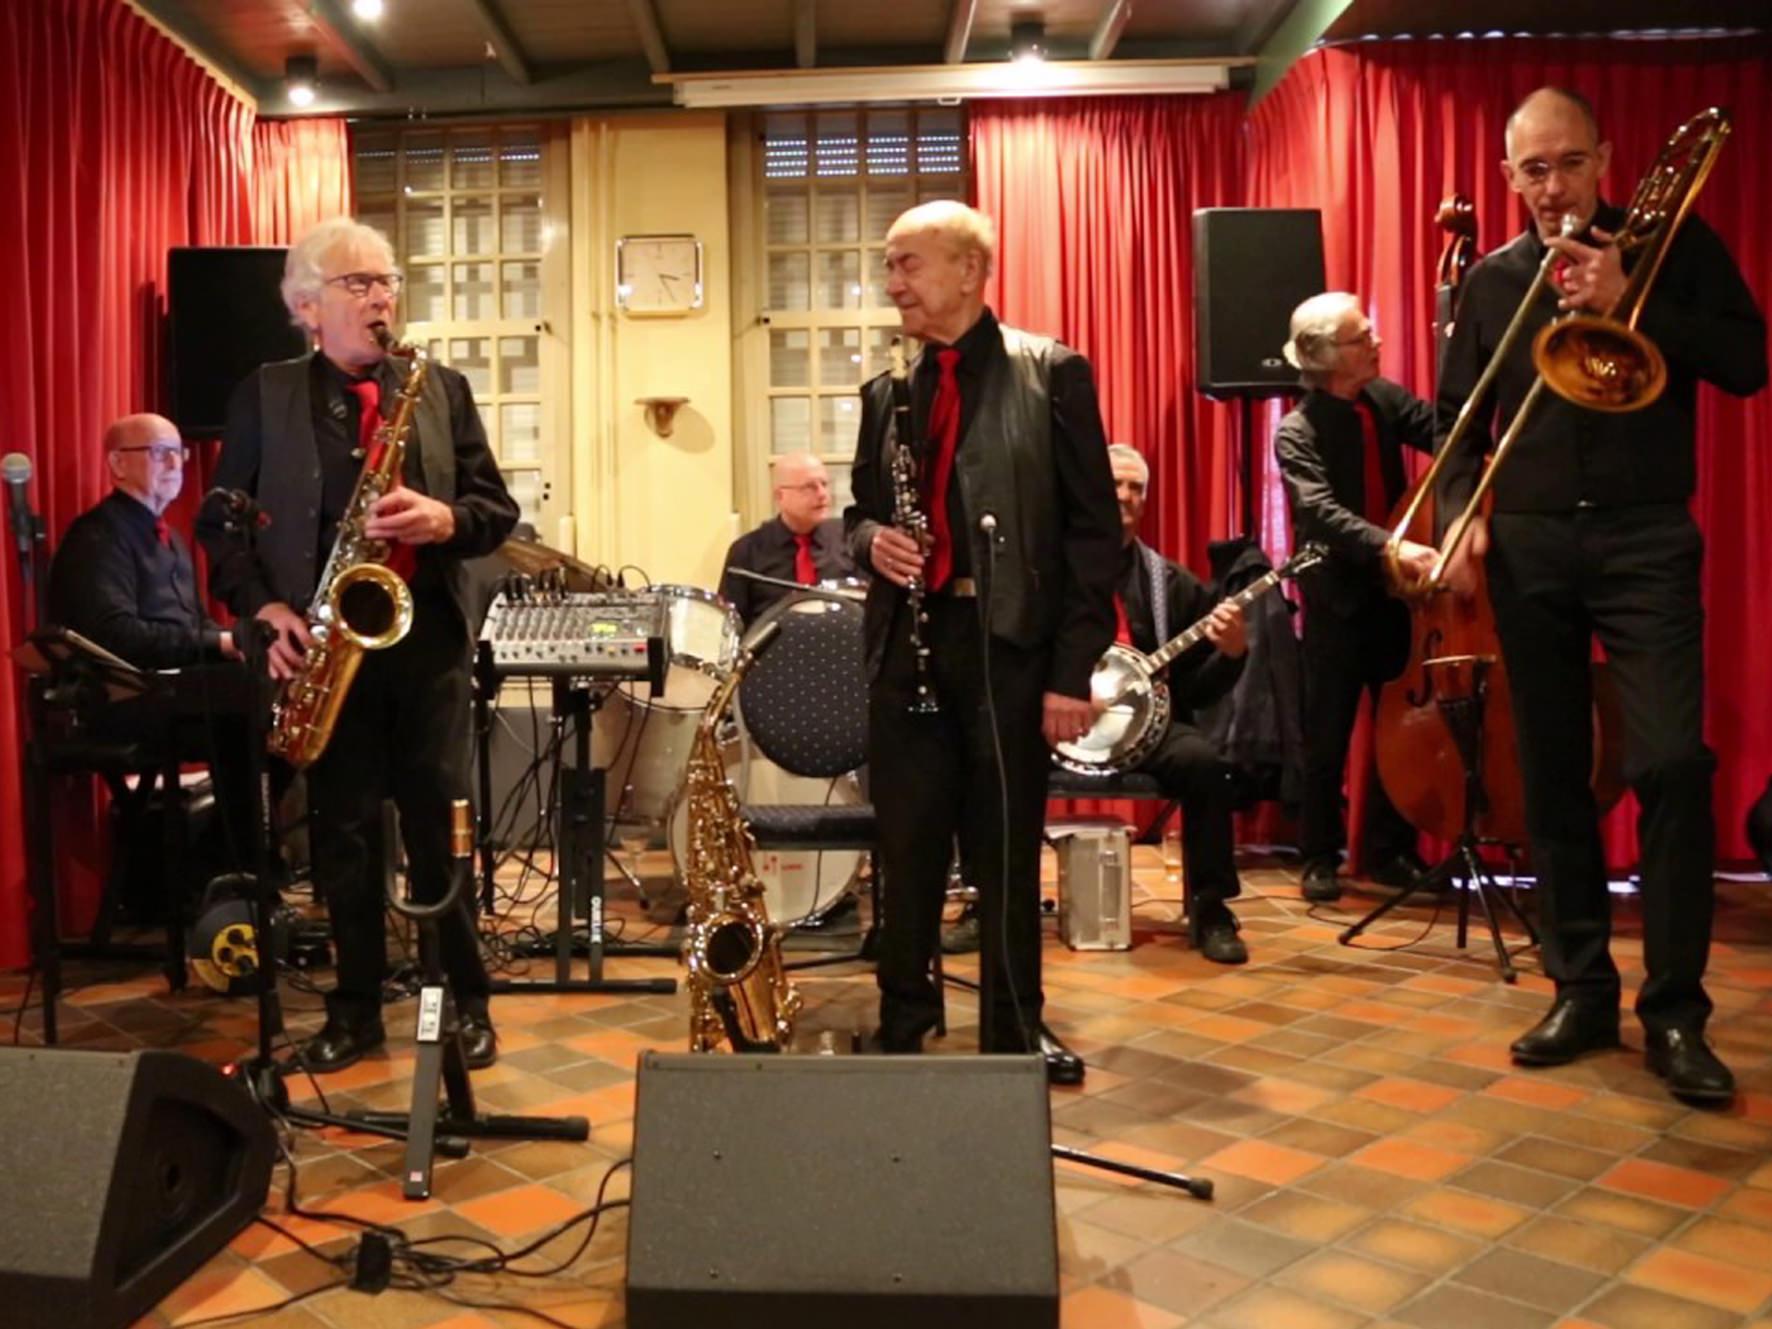 Swanee Bridge Jazzband